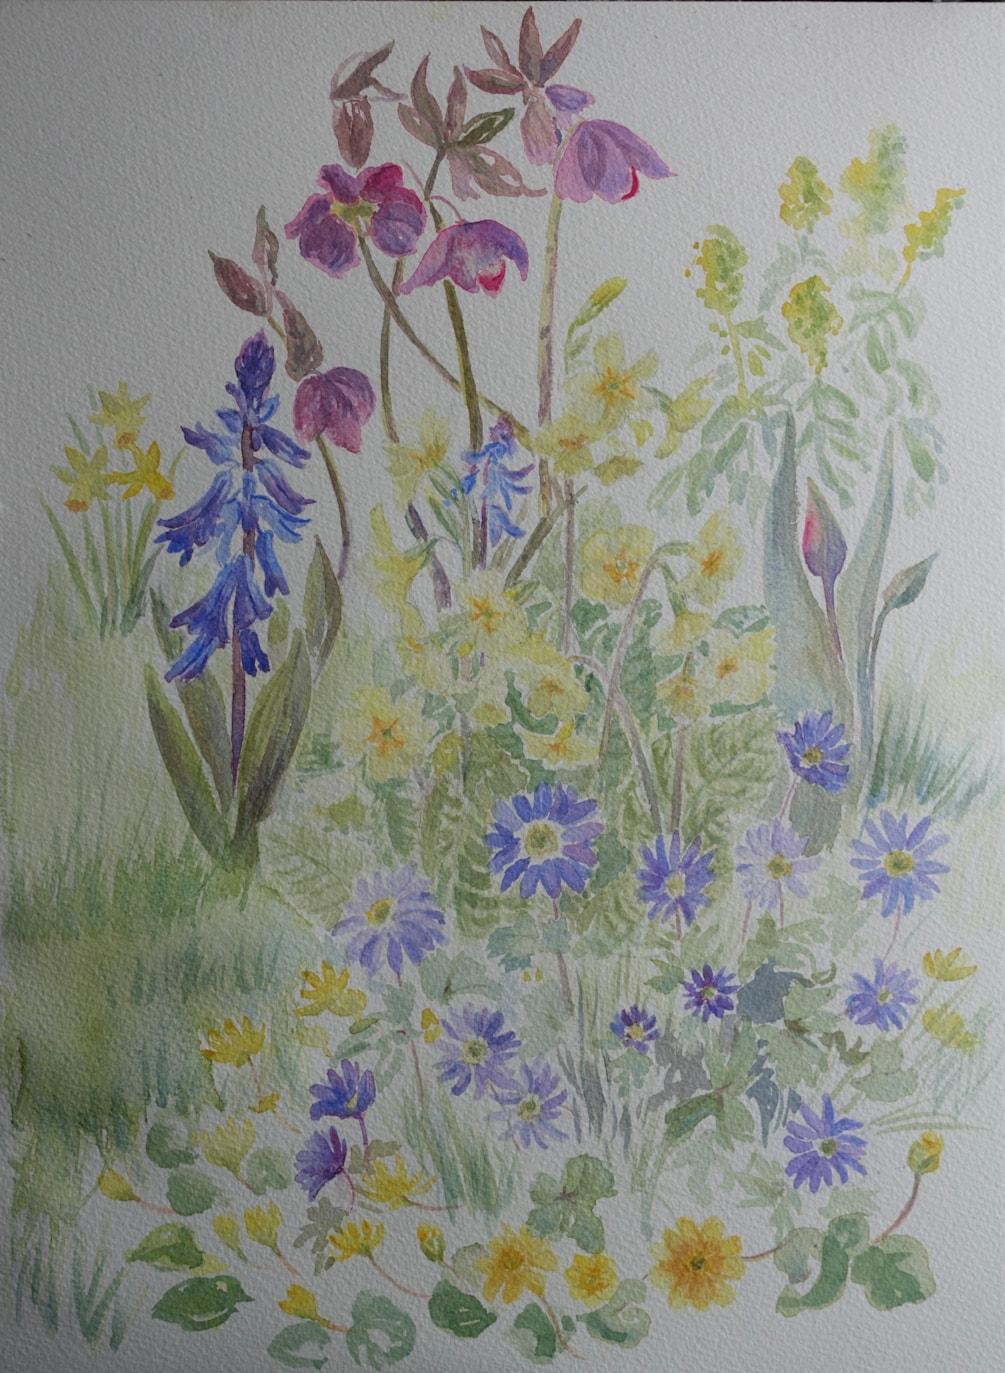 Splodging in the garden